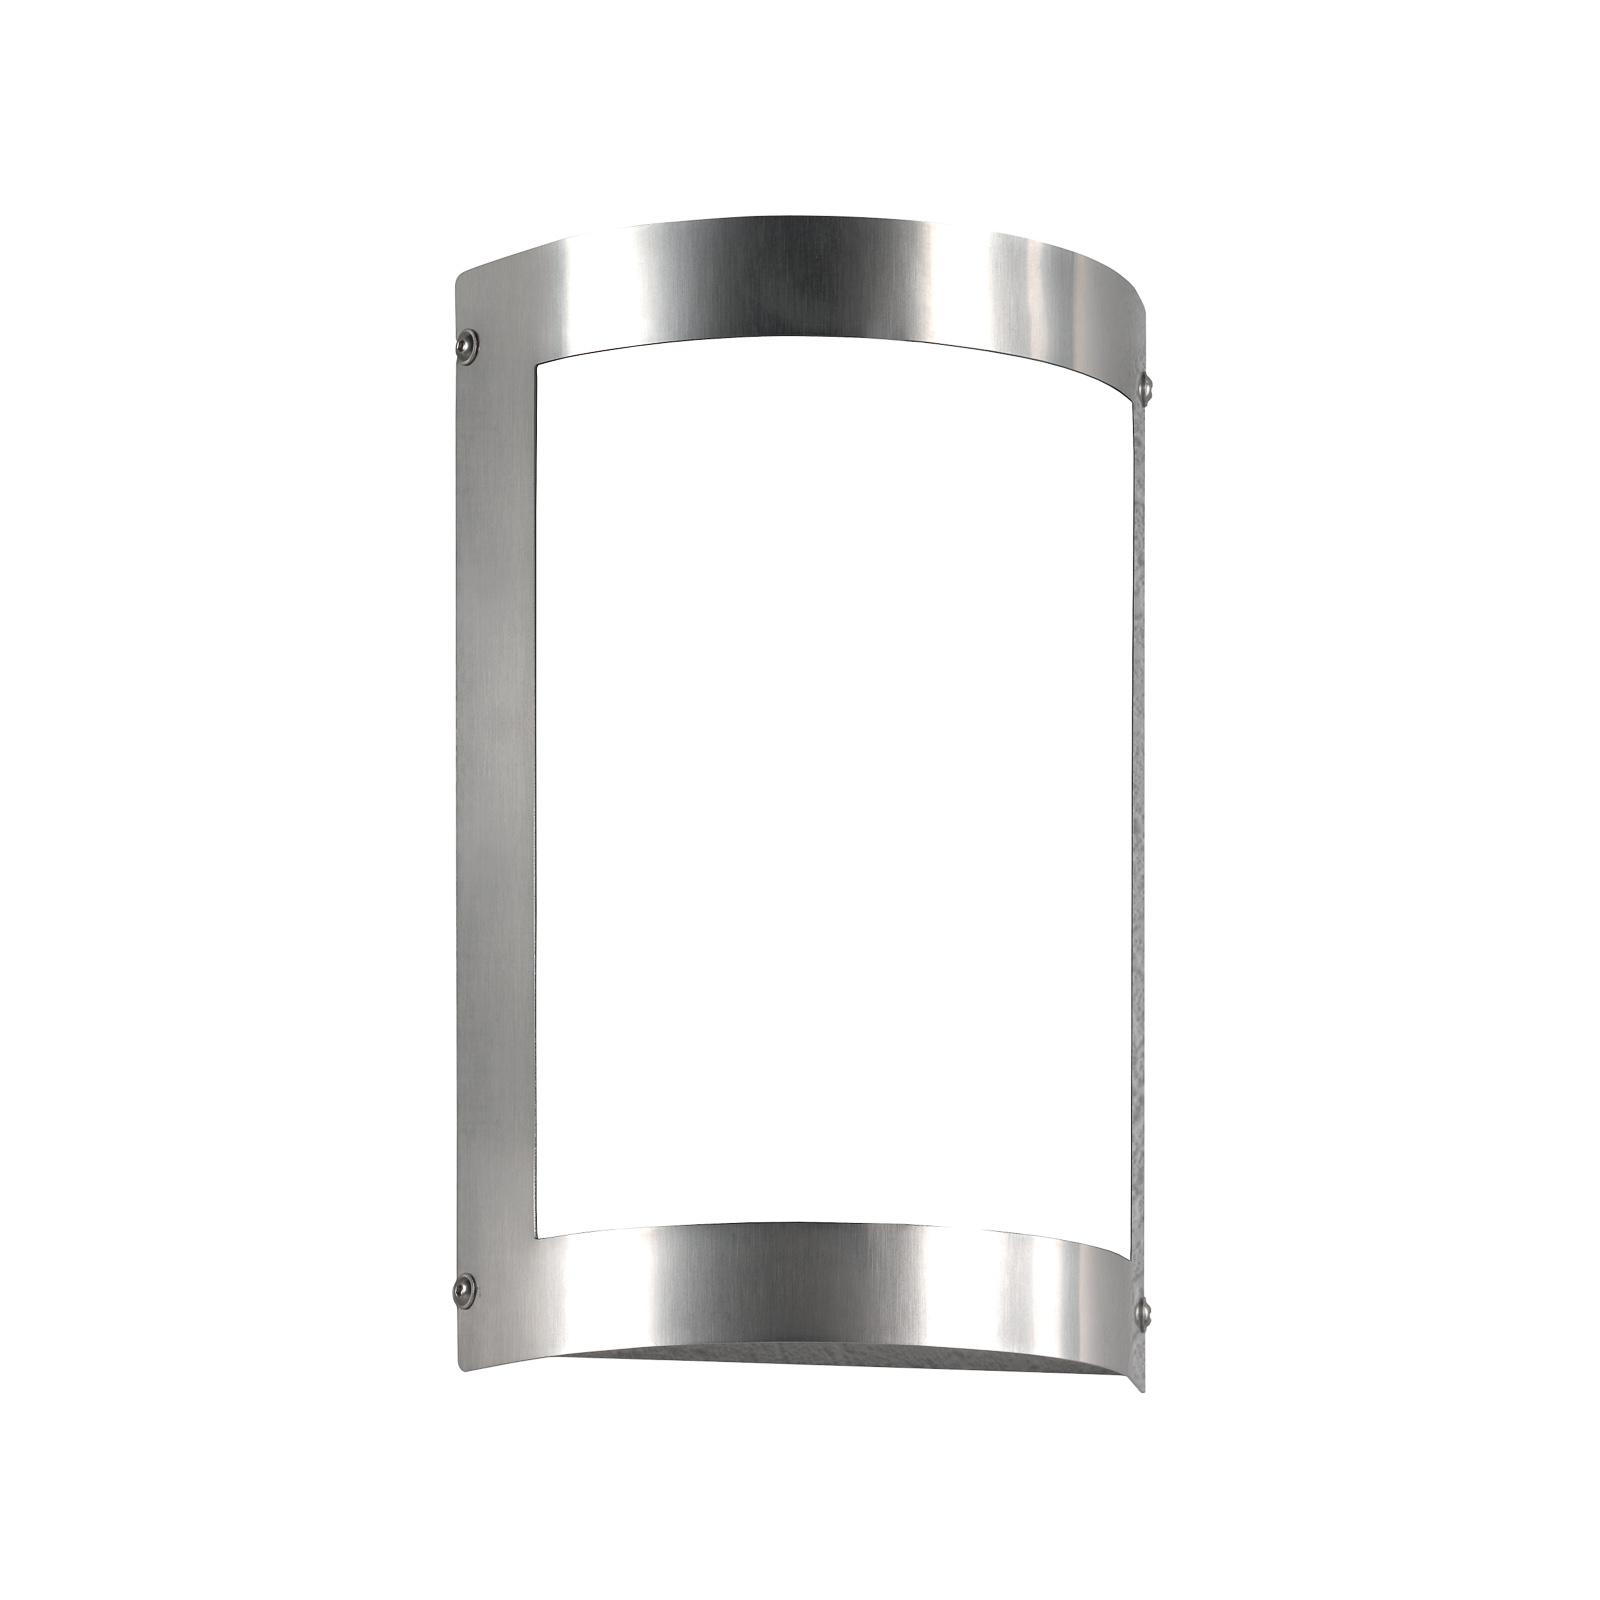 Kinkiet zewnętrzny LED Marco 3